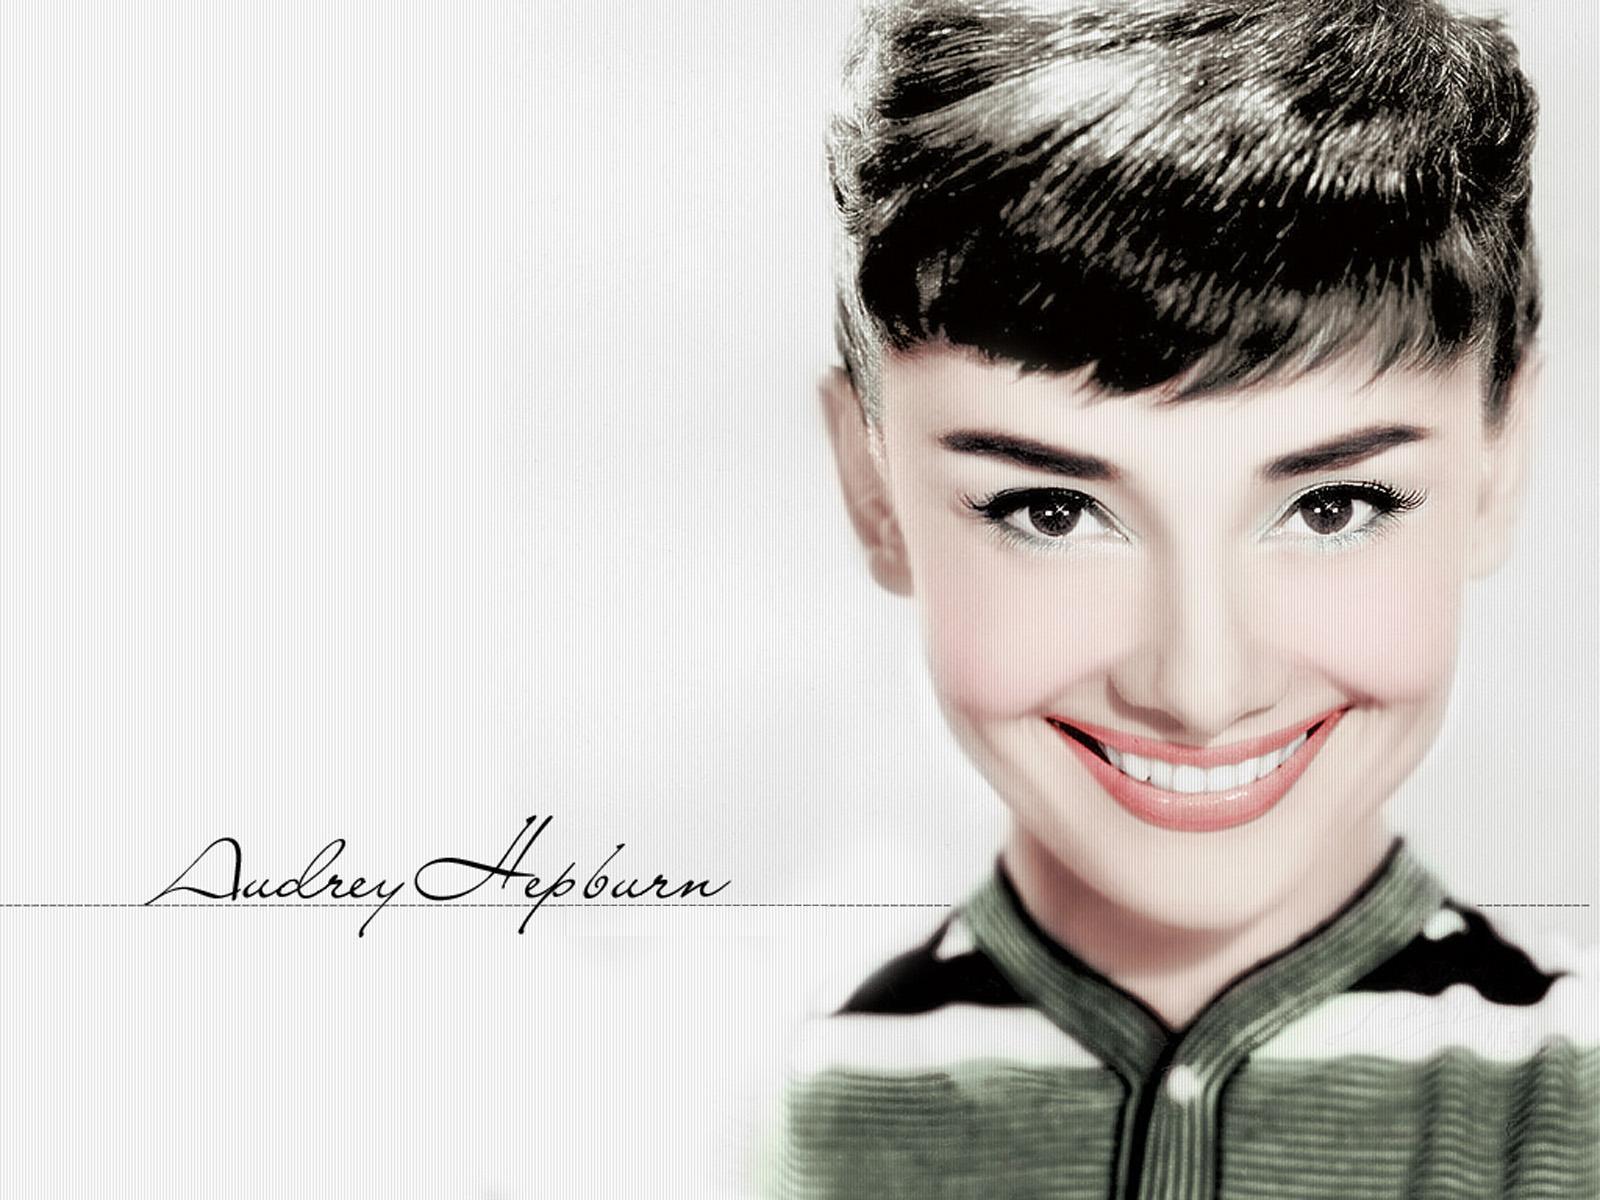 Wallpapers Photo Art Audrey Hepburn Wallpapers Audrey 1600x1200